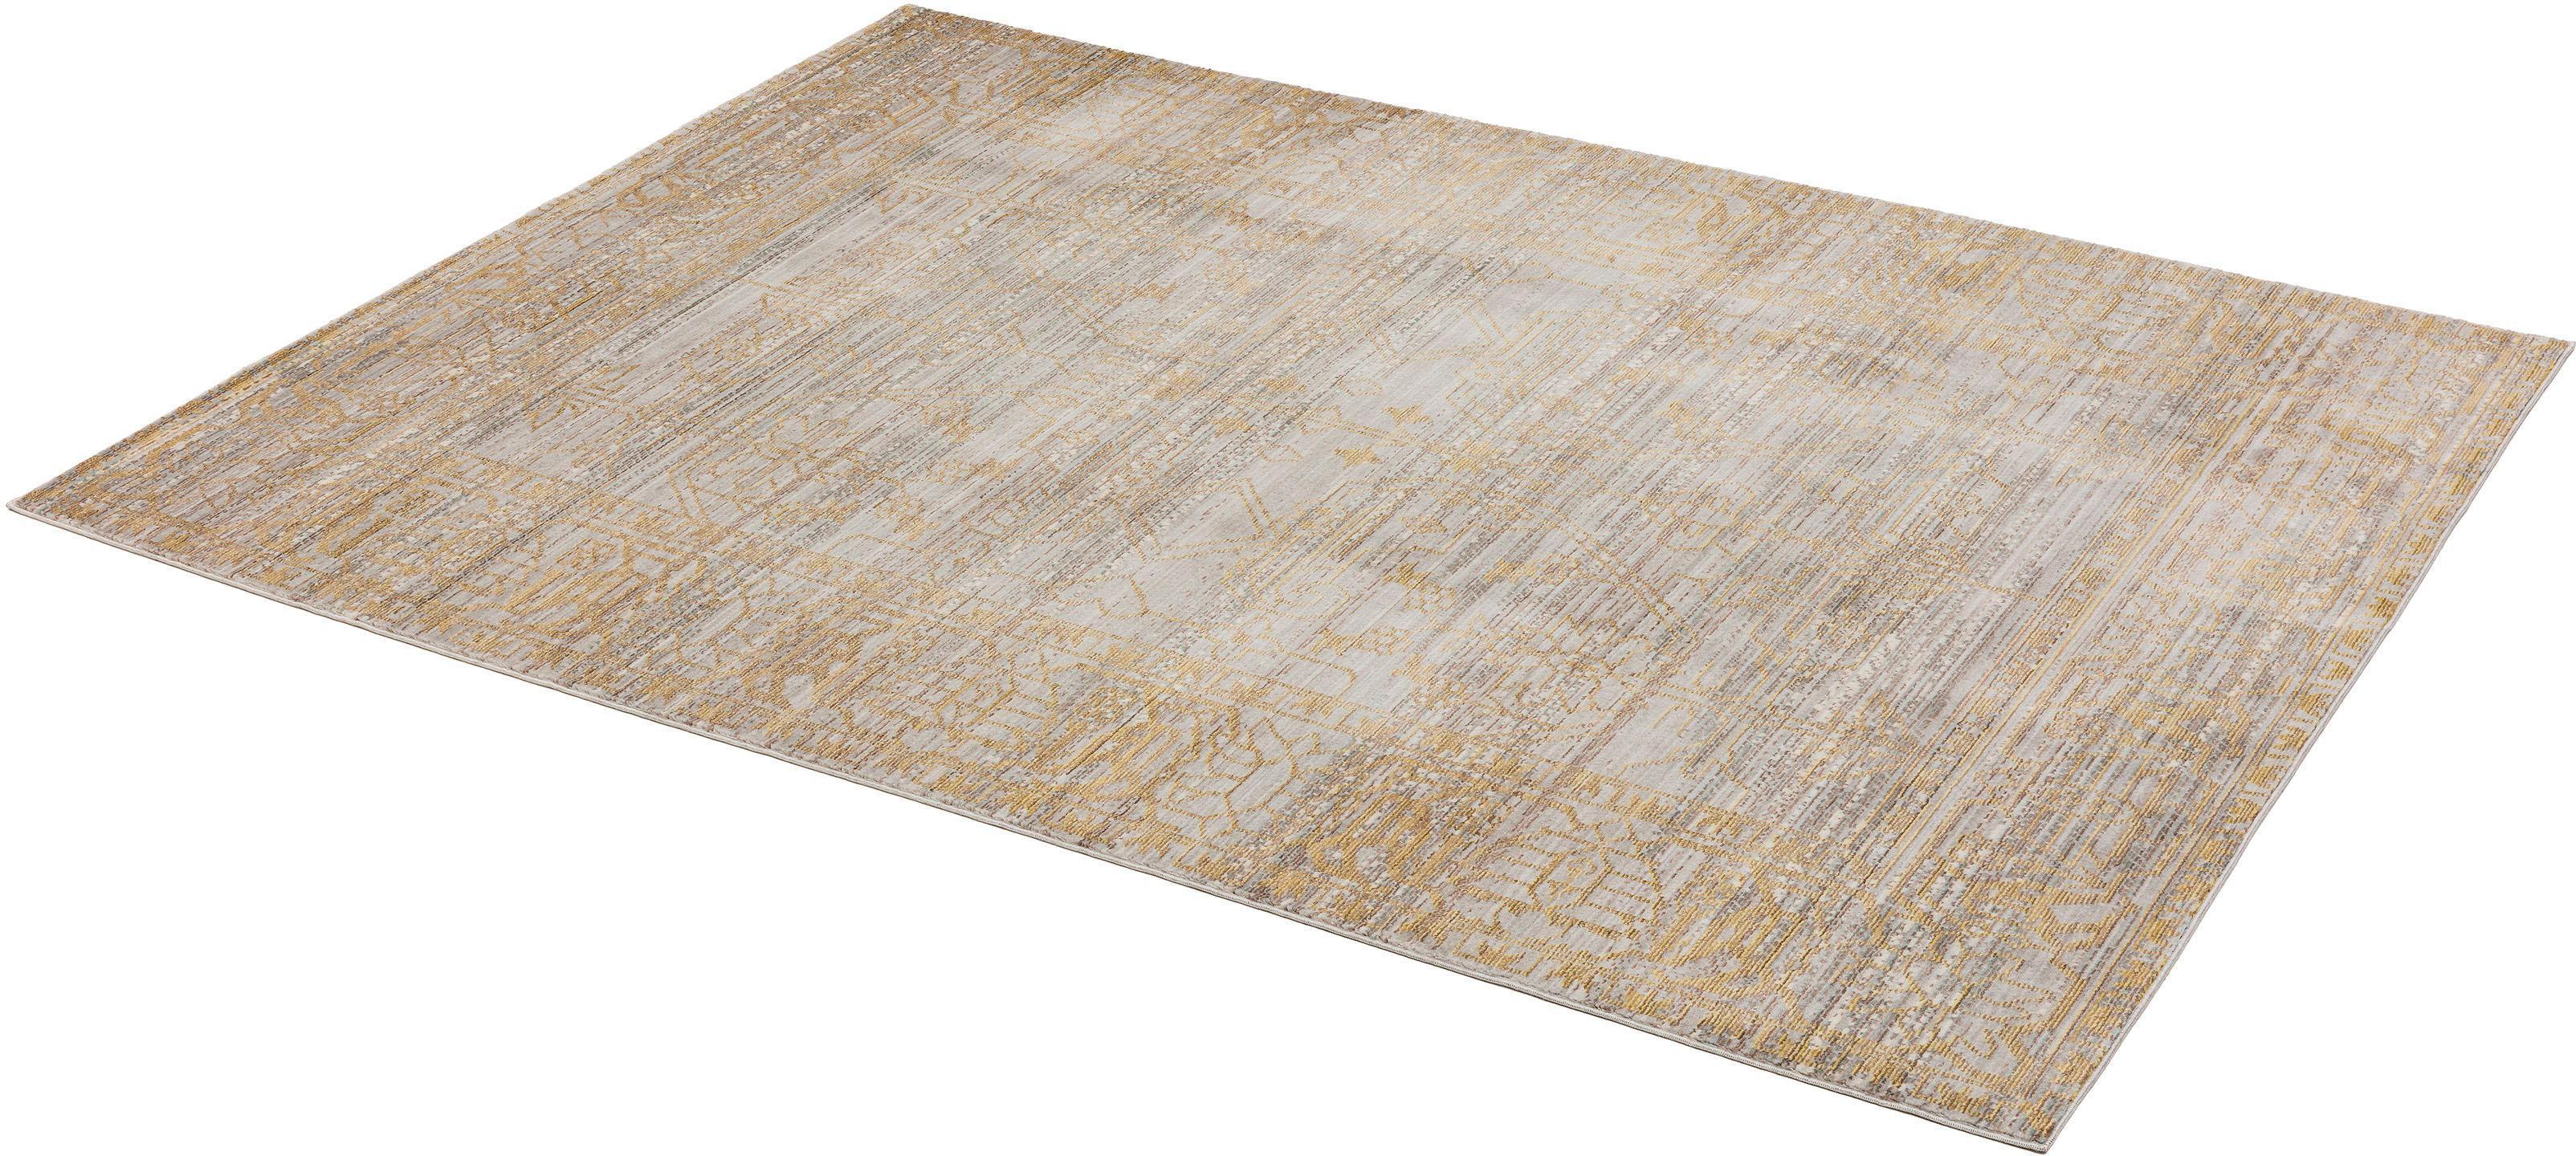 Teppich Shining 5 SCHÖNER WOHNEN-Kollektion rechteckig Höhe 5 mm